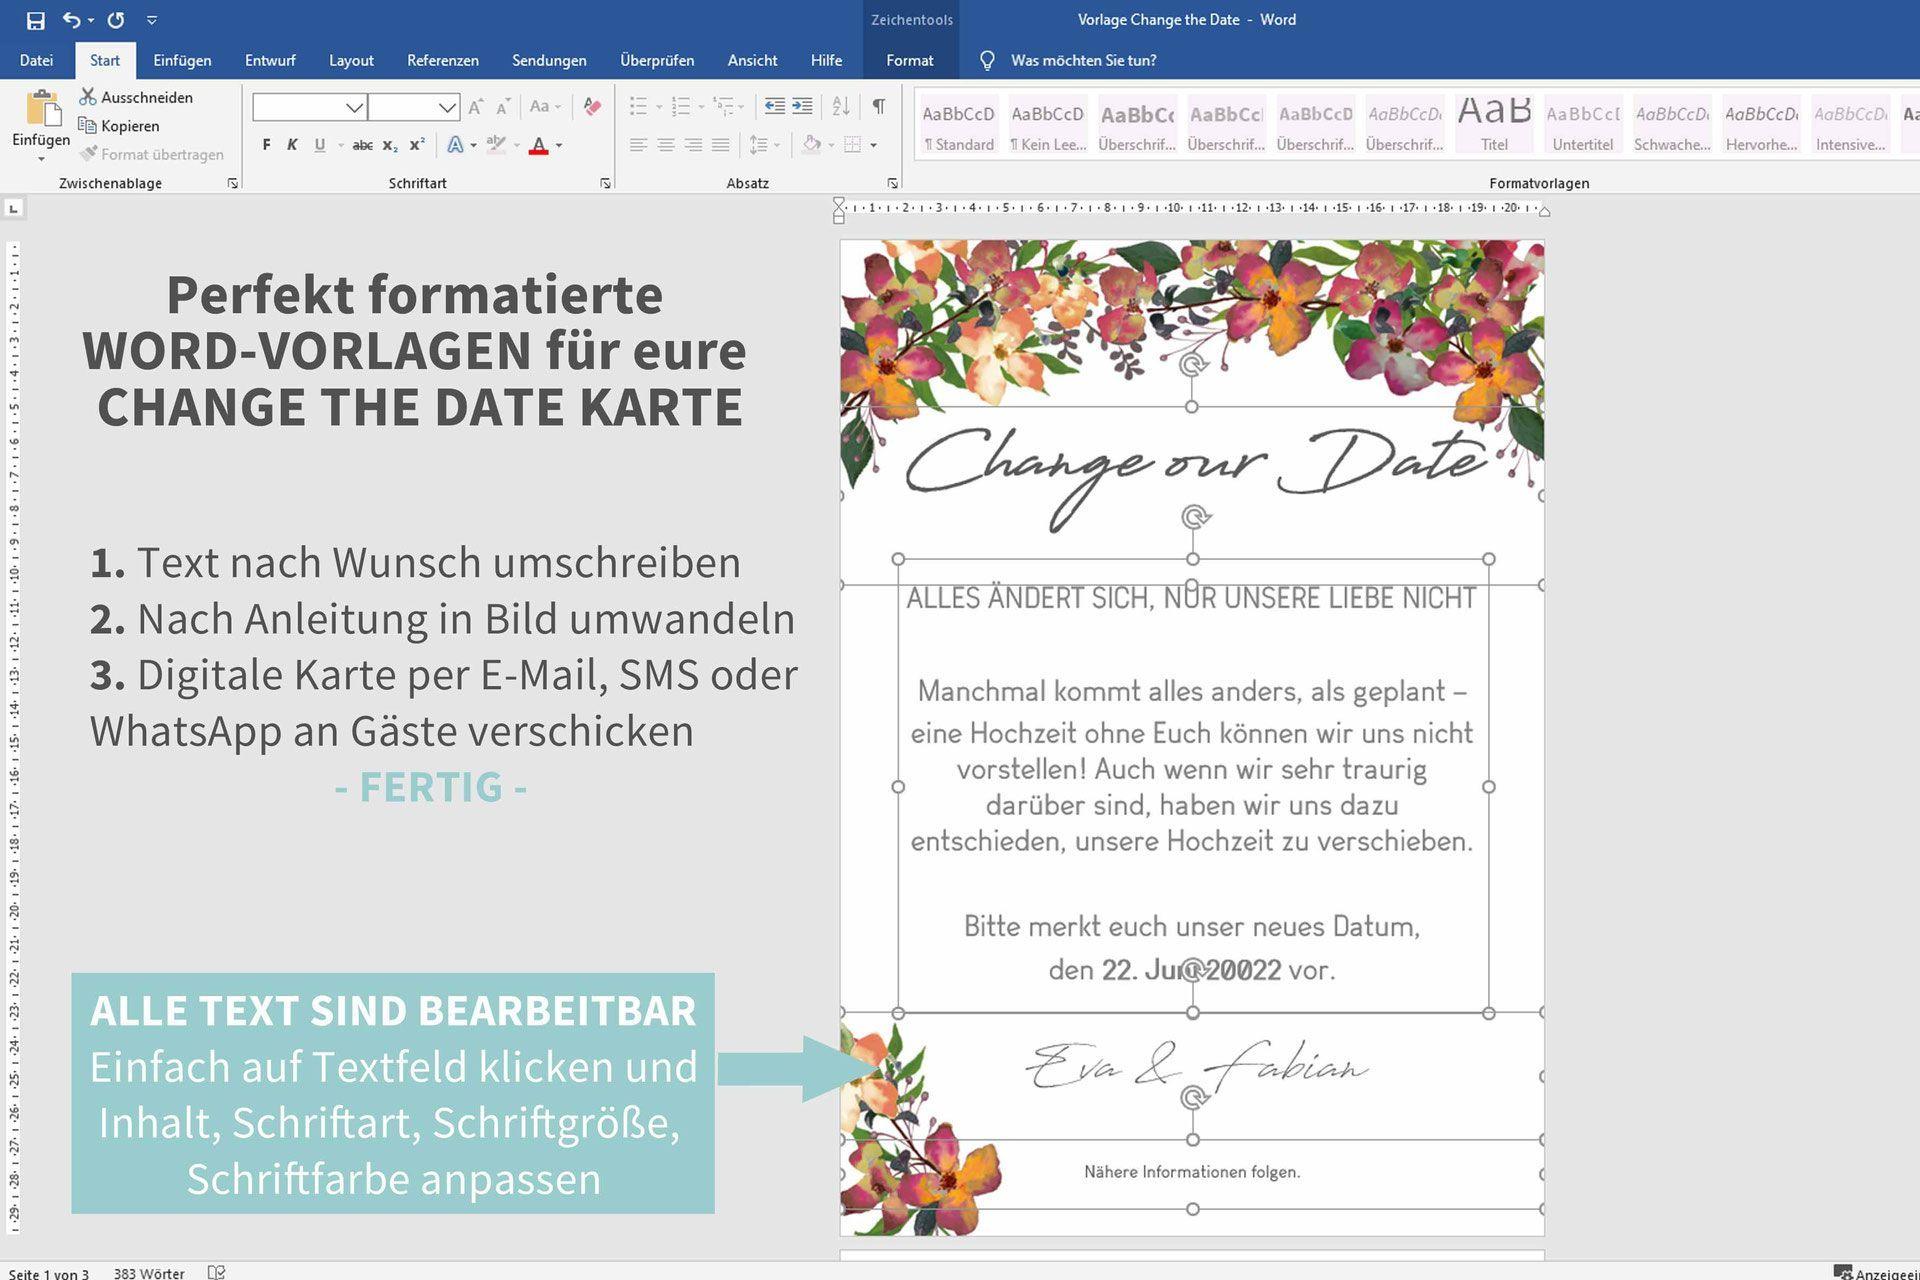 In 3 Schritten Zur Digitalen Change The Date Karte Diy Hochzeit Planen Diy Hochzeit Basteln Hochzeit Planen